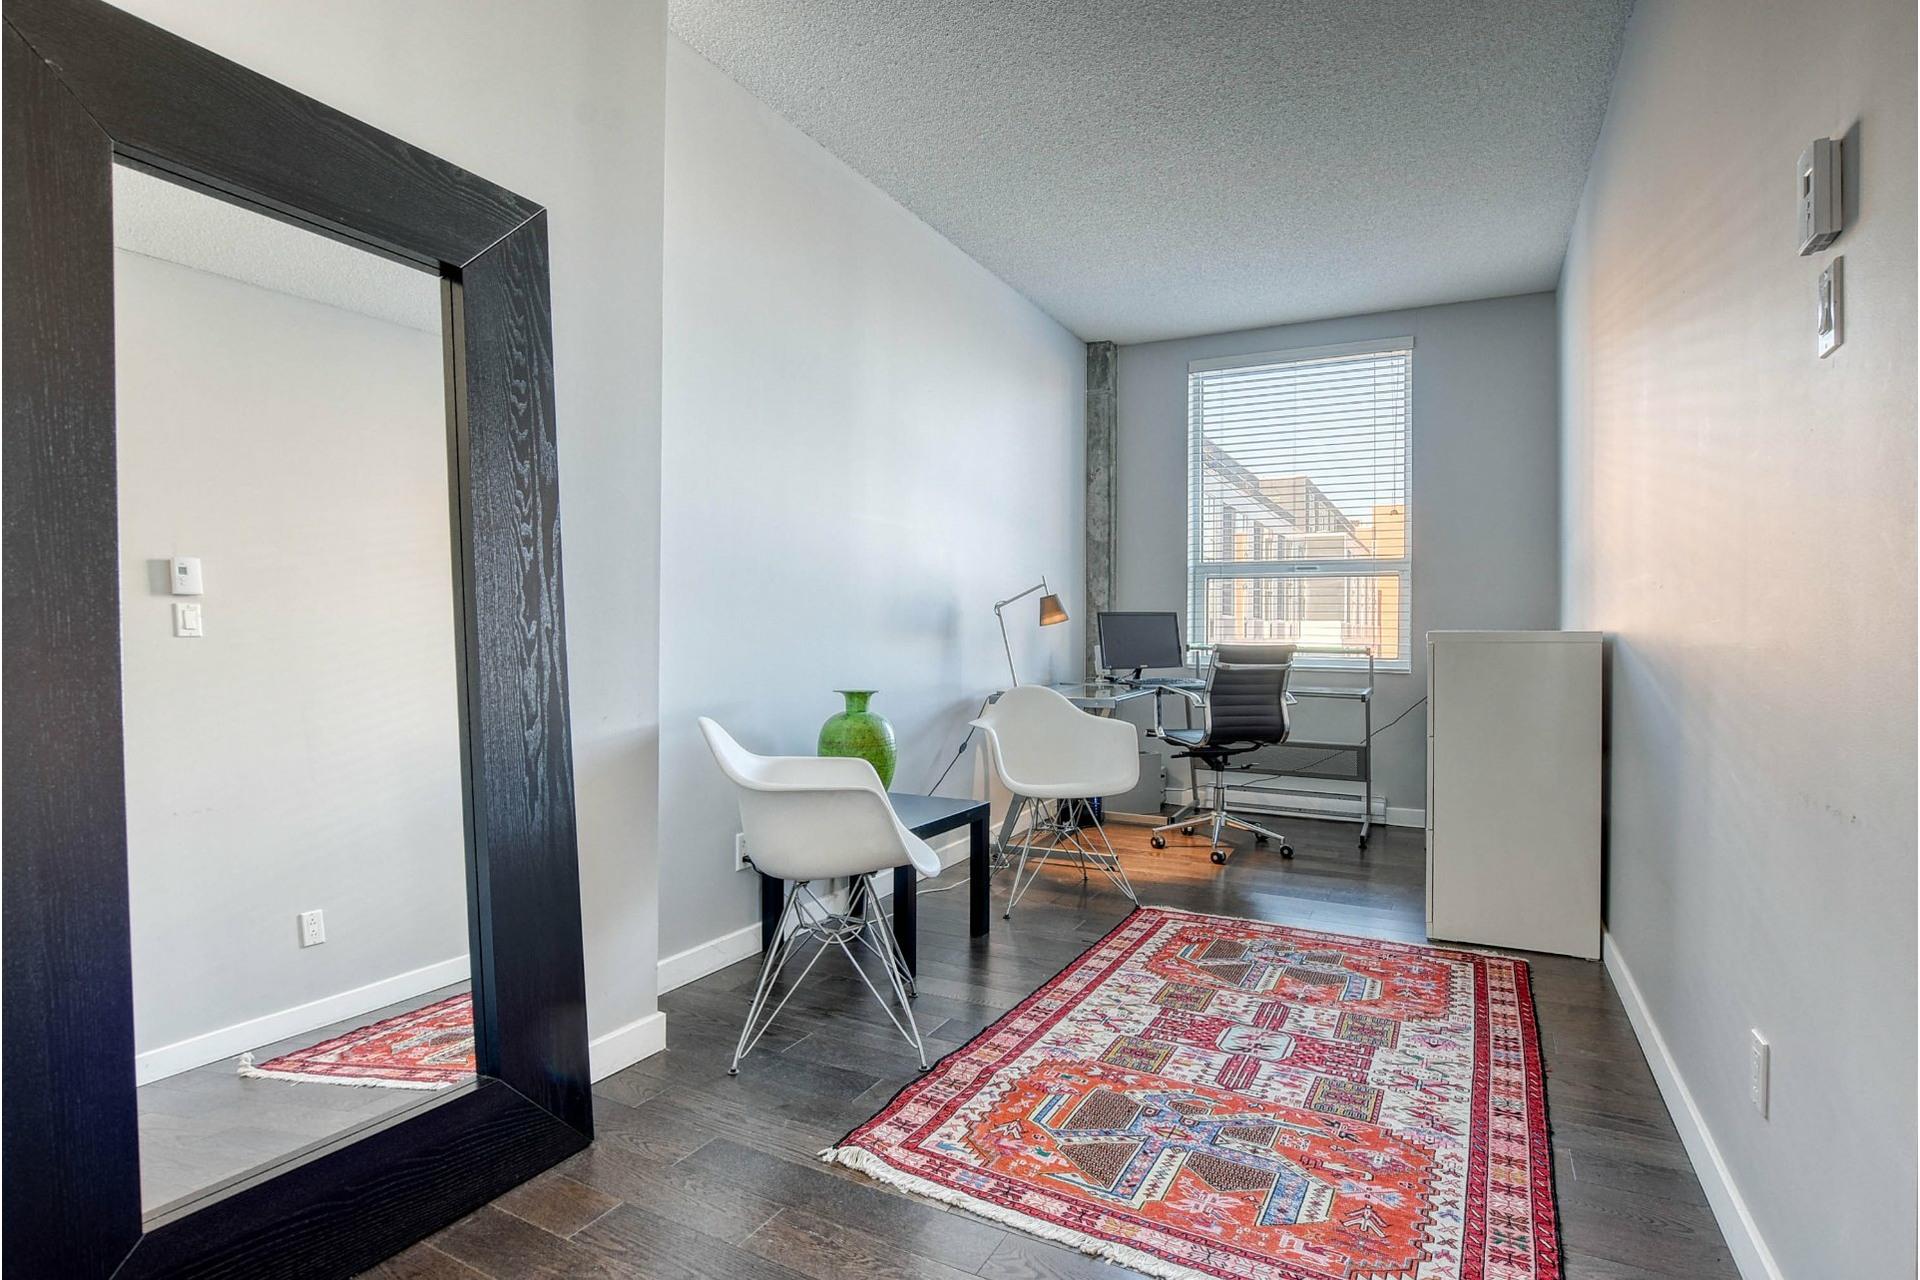 image 9 - Appartement À vendre Verdun/Île-des-Soeurs Montréal  - 8 pièces